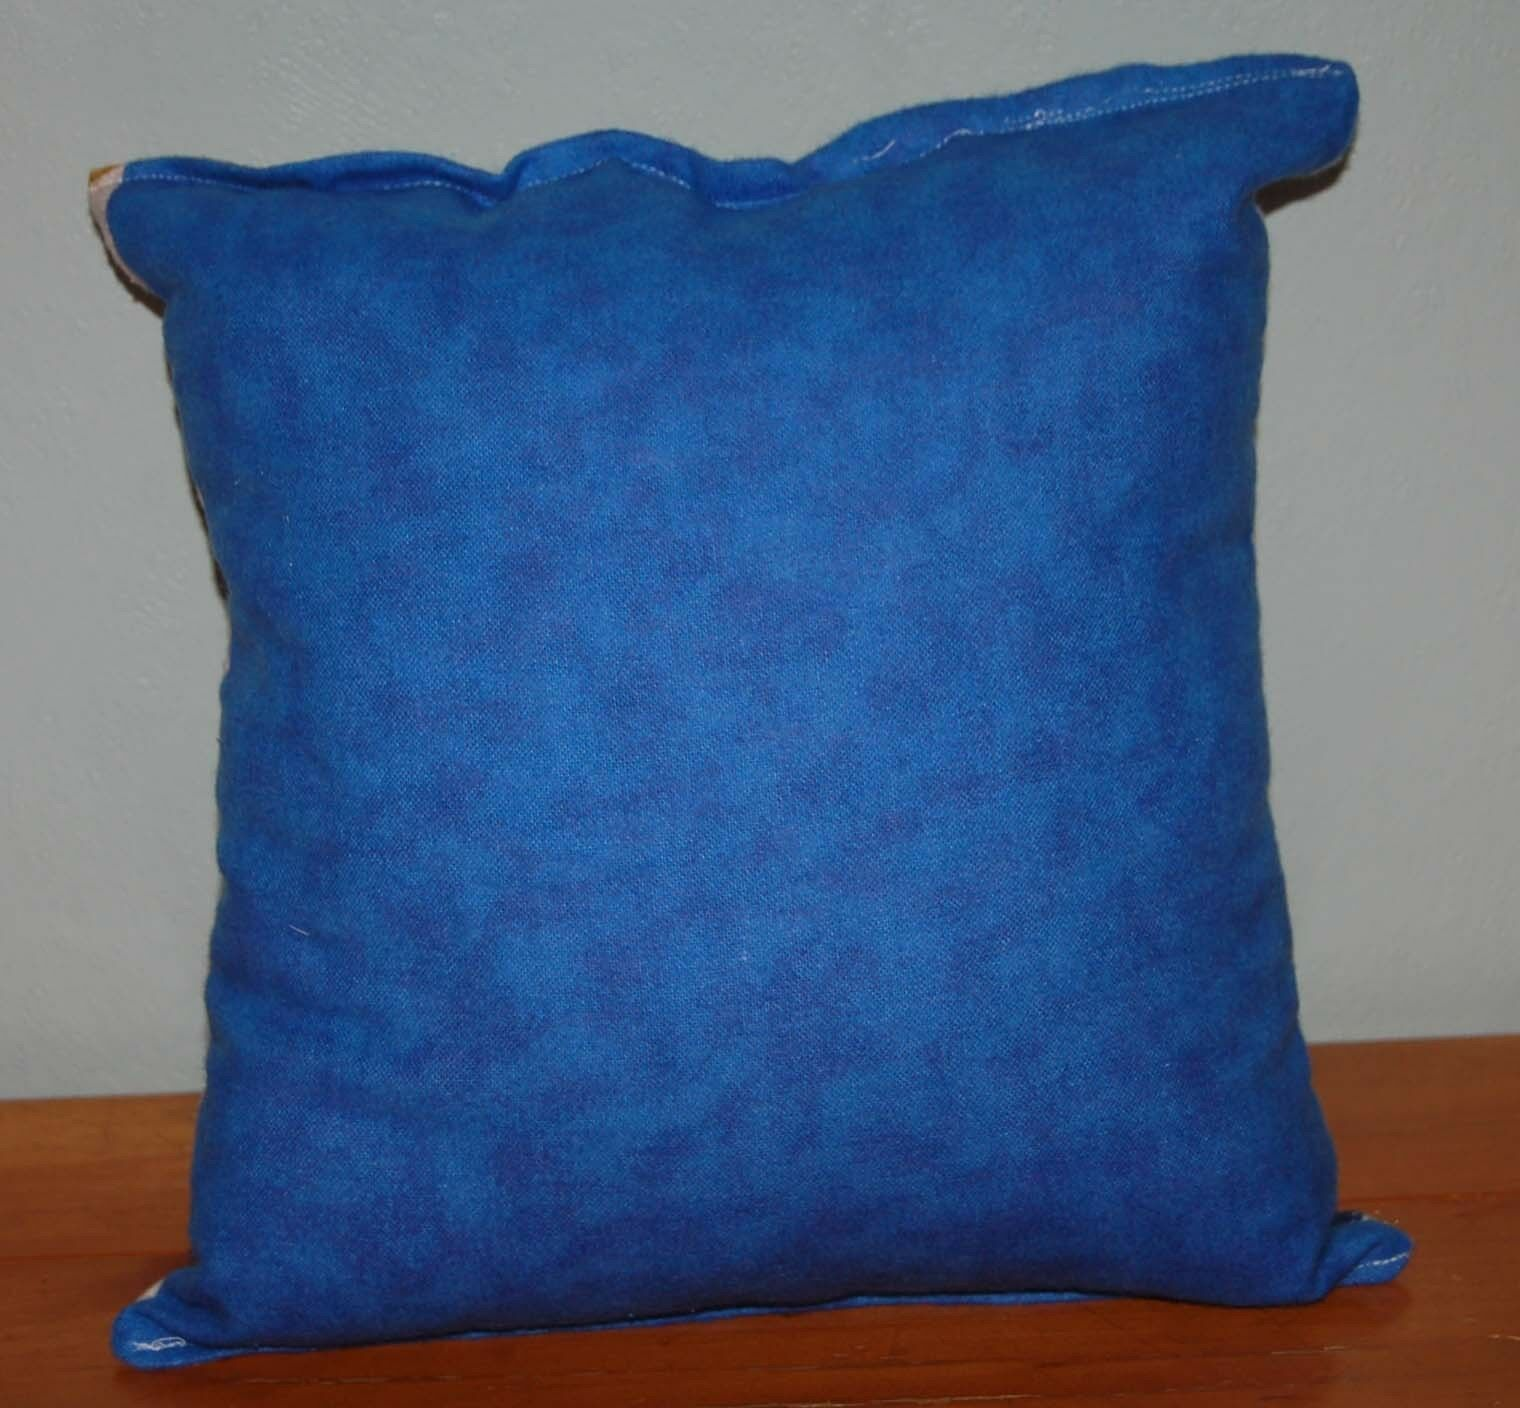 Rangers Pillow NHL Pillow New York Rangers Pillow HANDMADE In USA Hockey Pillow